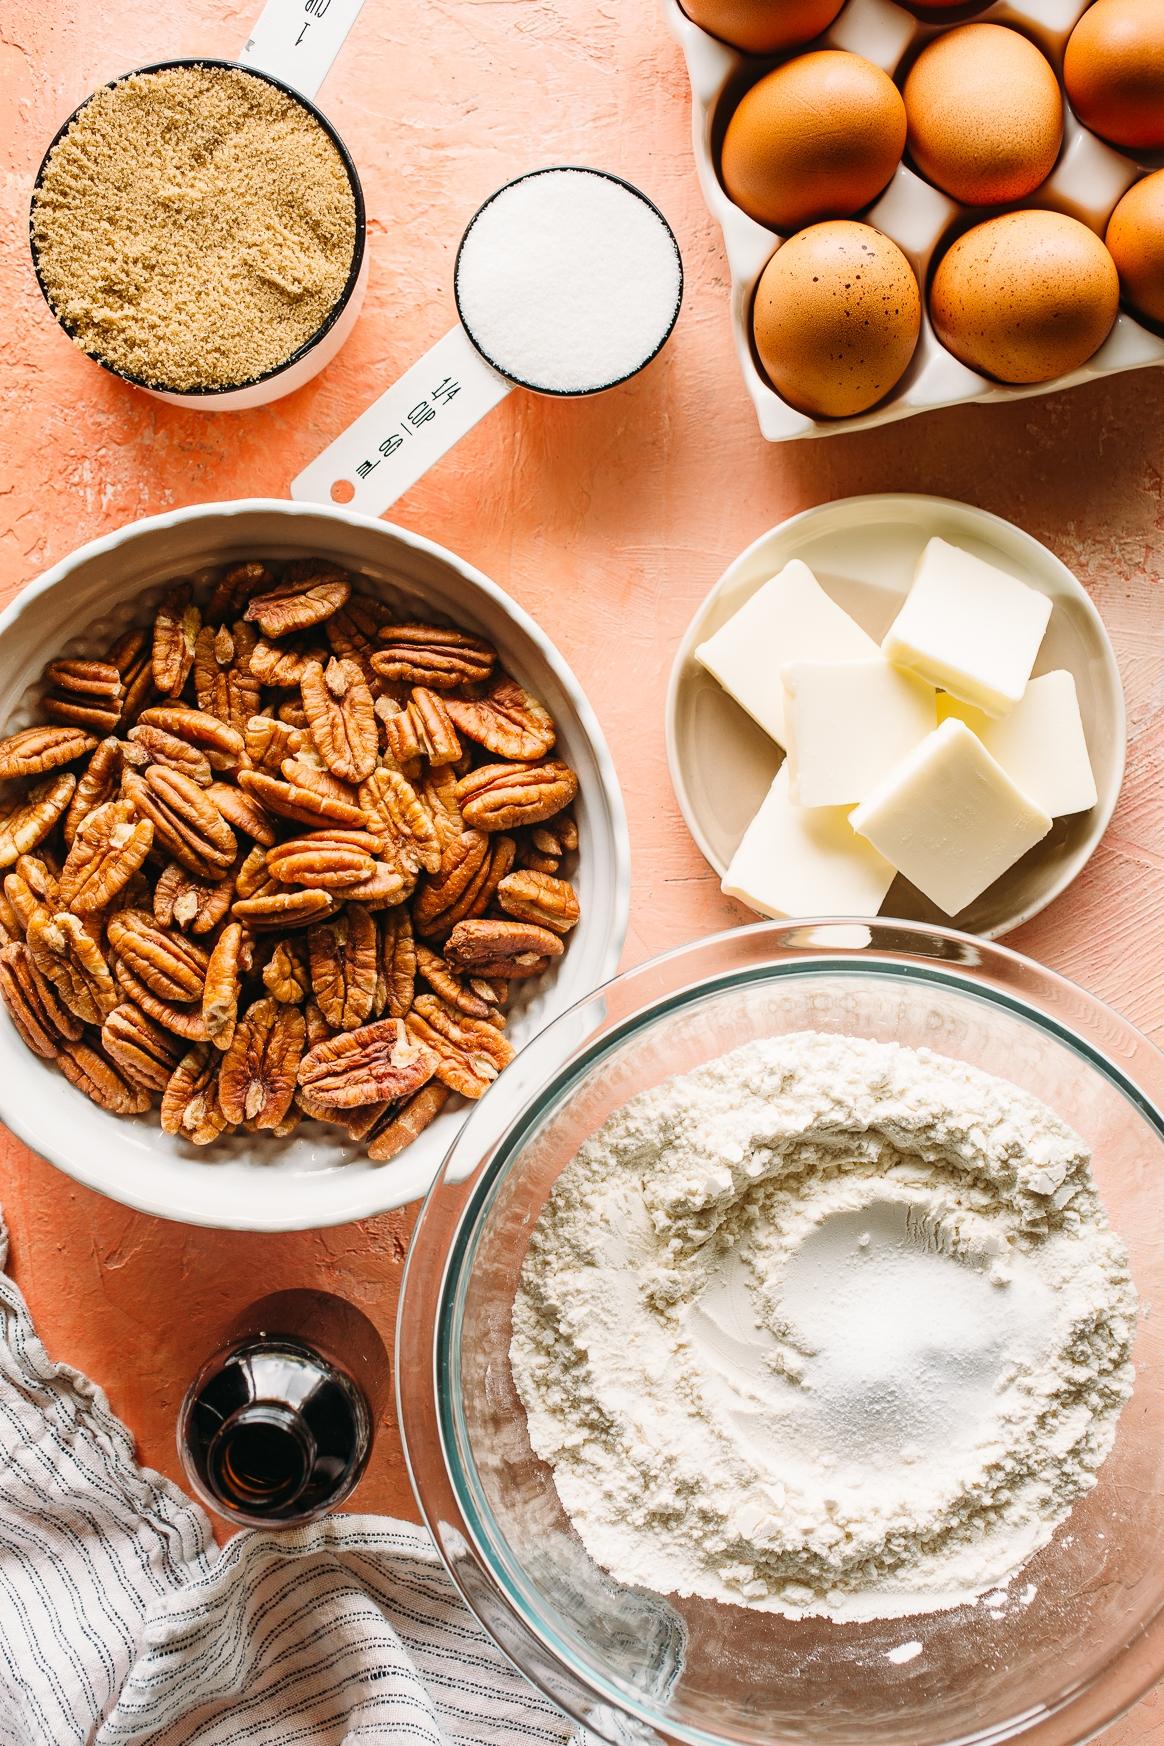 Brown Butter Pecan Cookies Ingredients